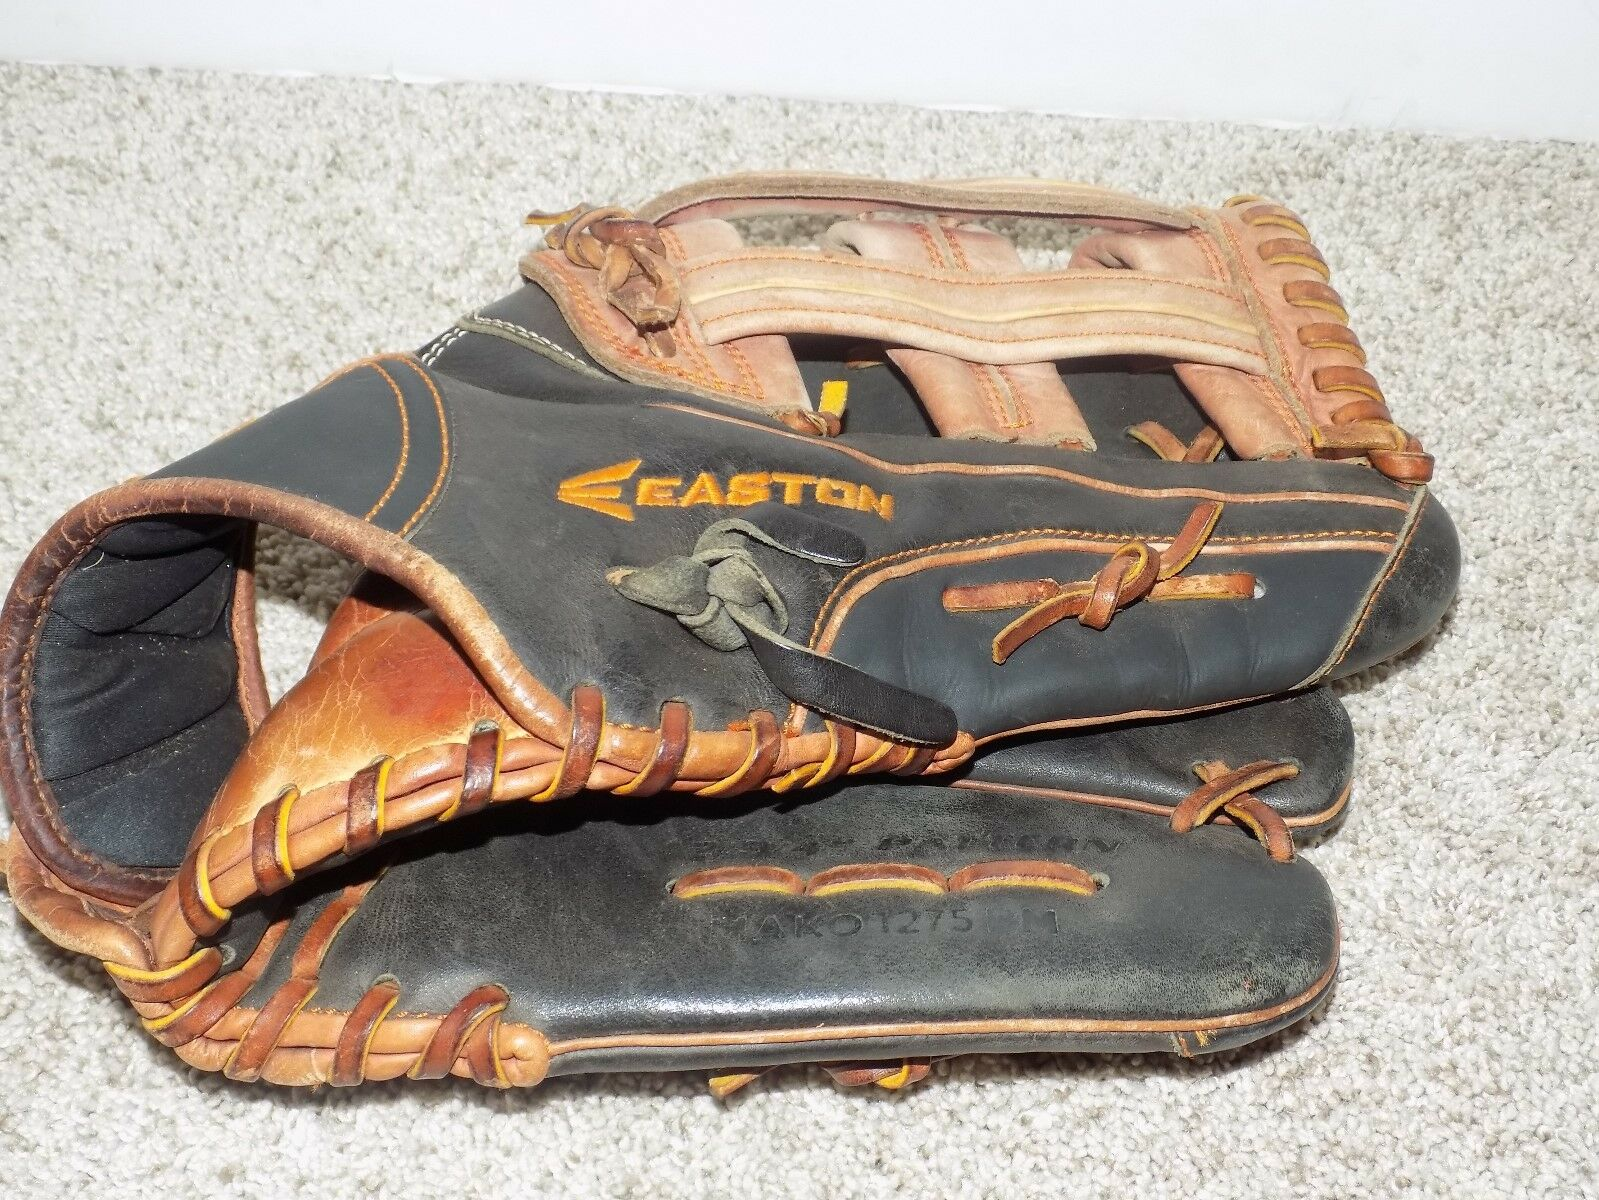 Easton Mako Edición Limitada 12.75  Guante de béisbol Mako 1275BM